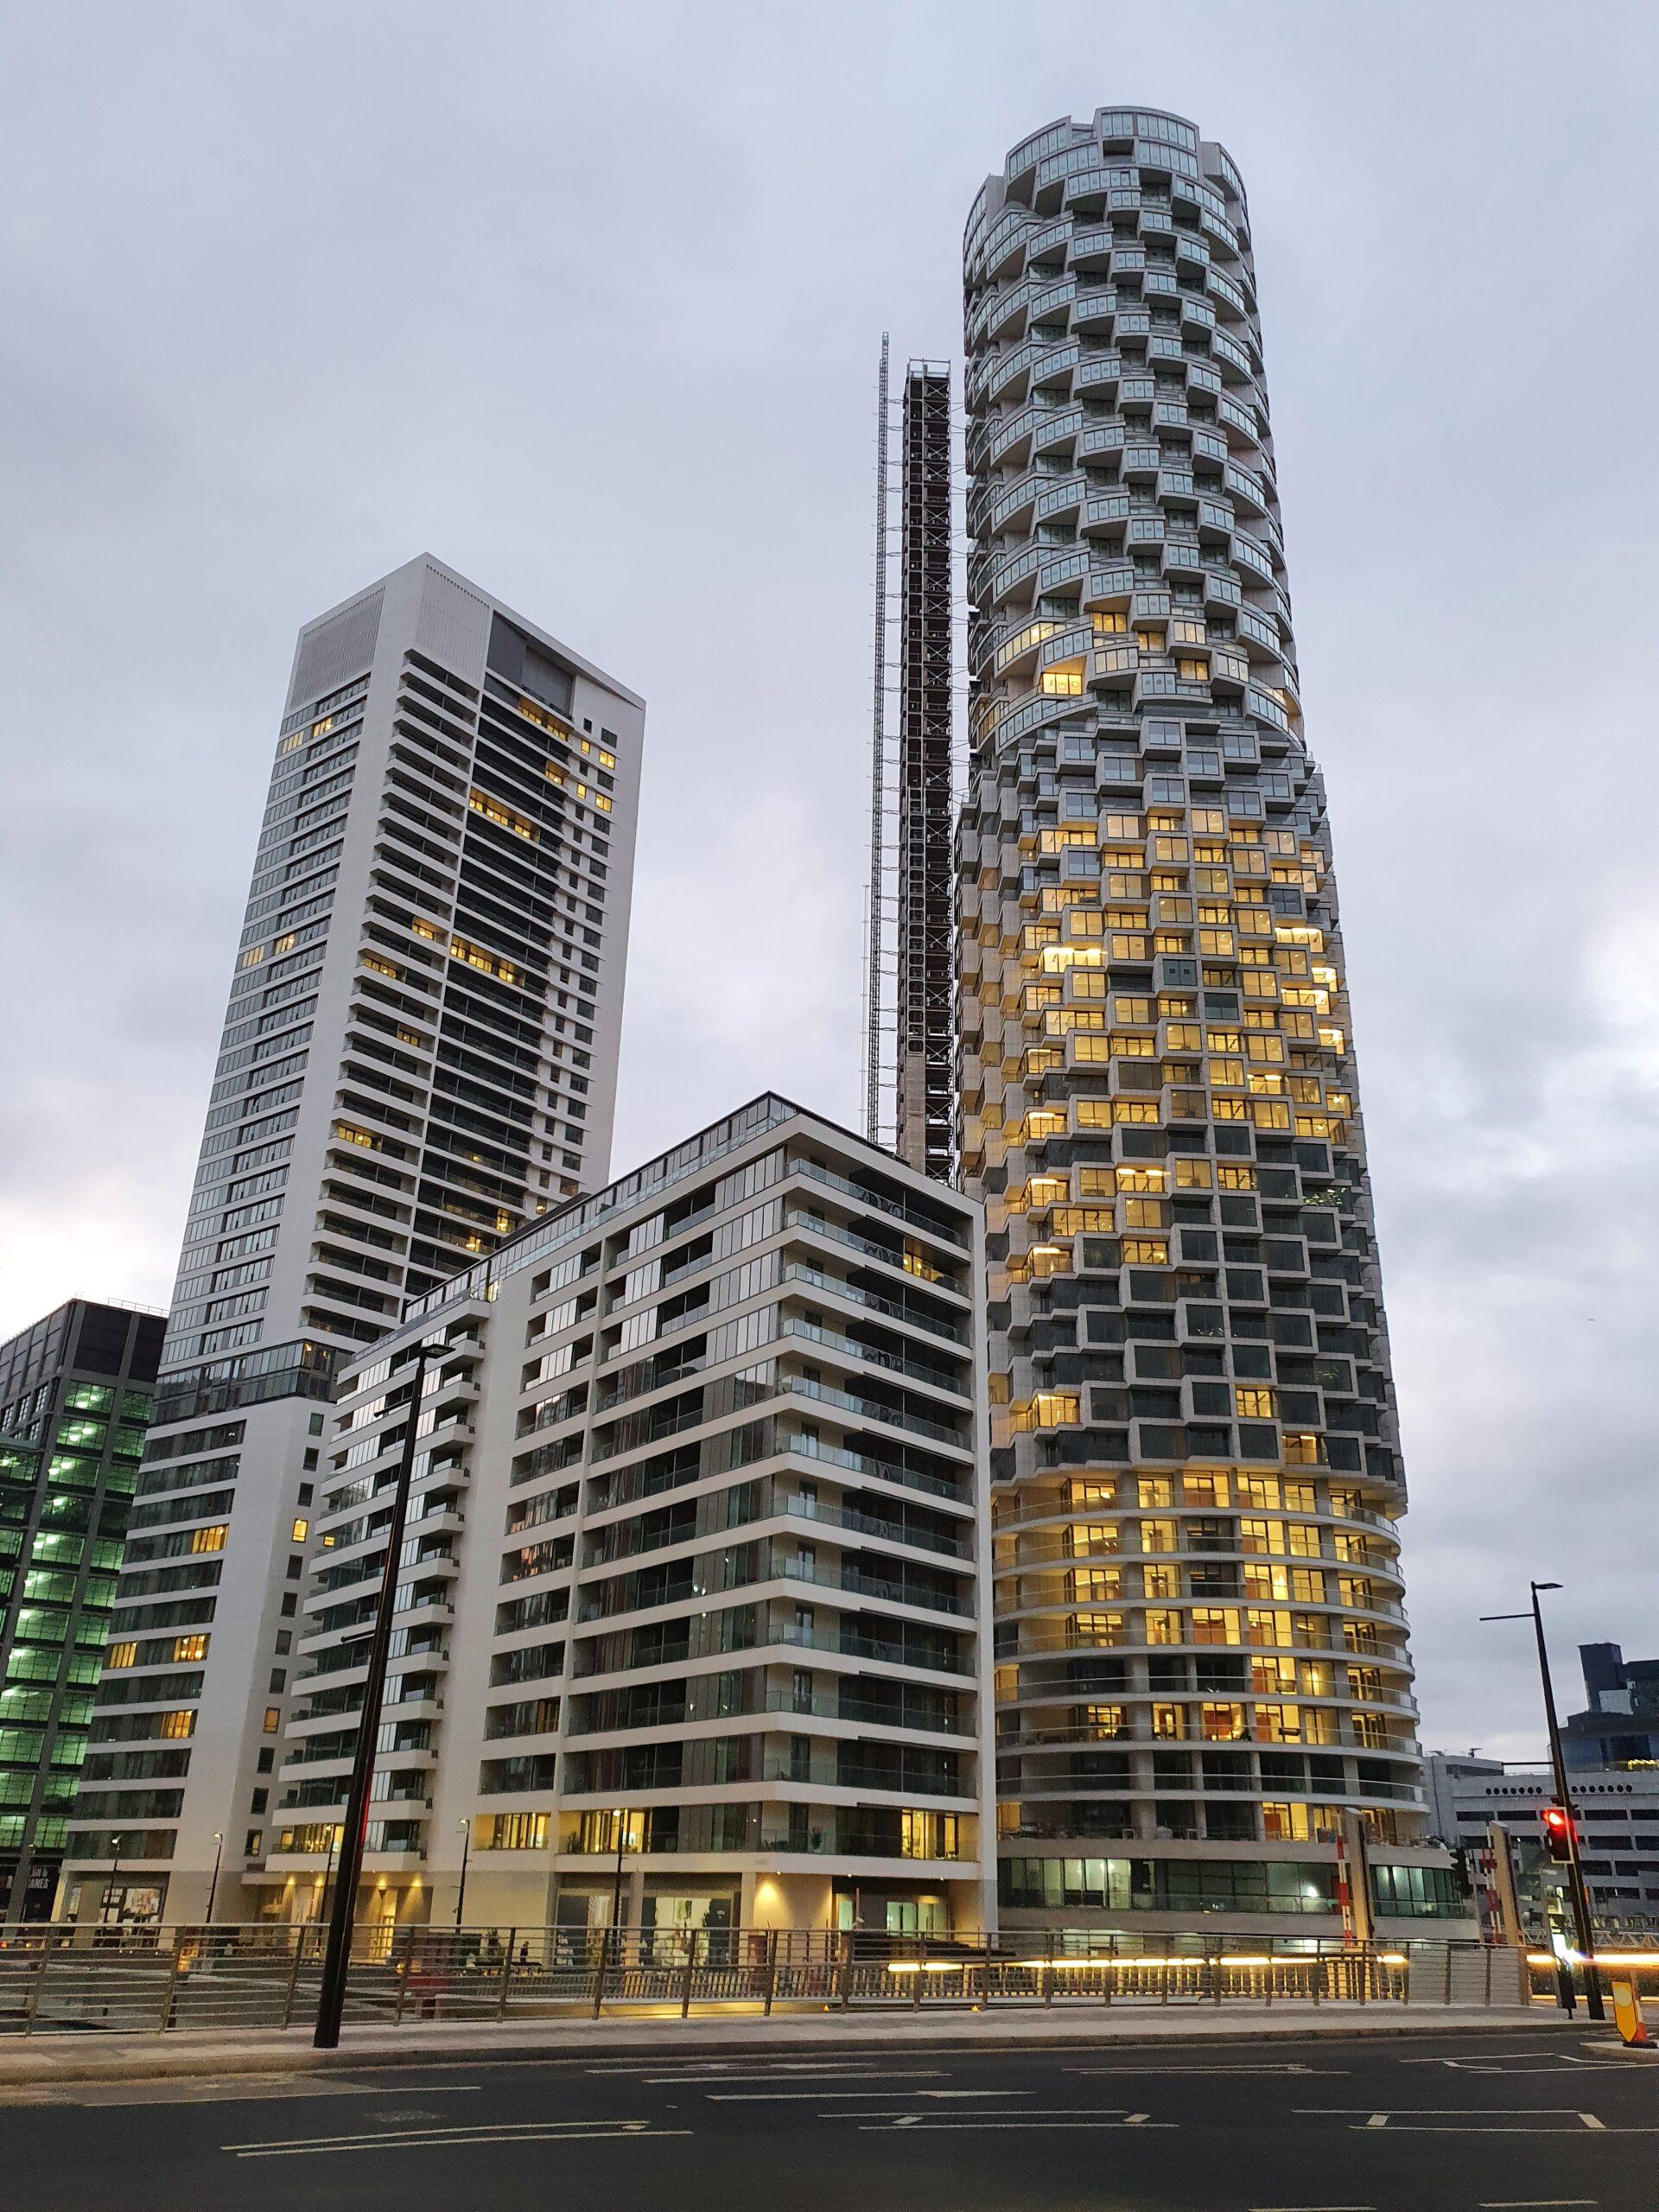 Wood Wharf Buildings